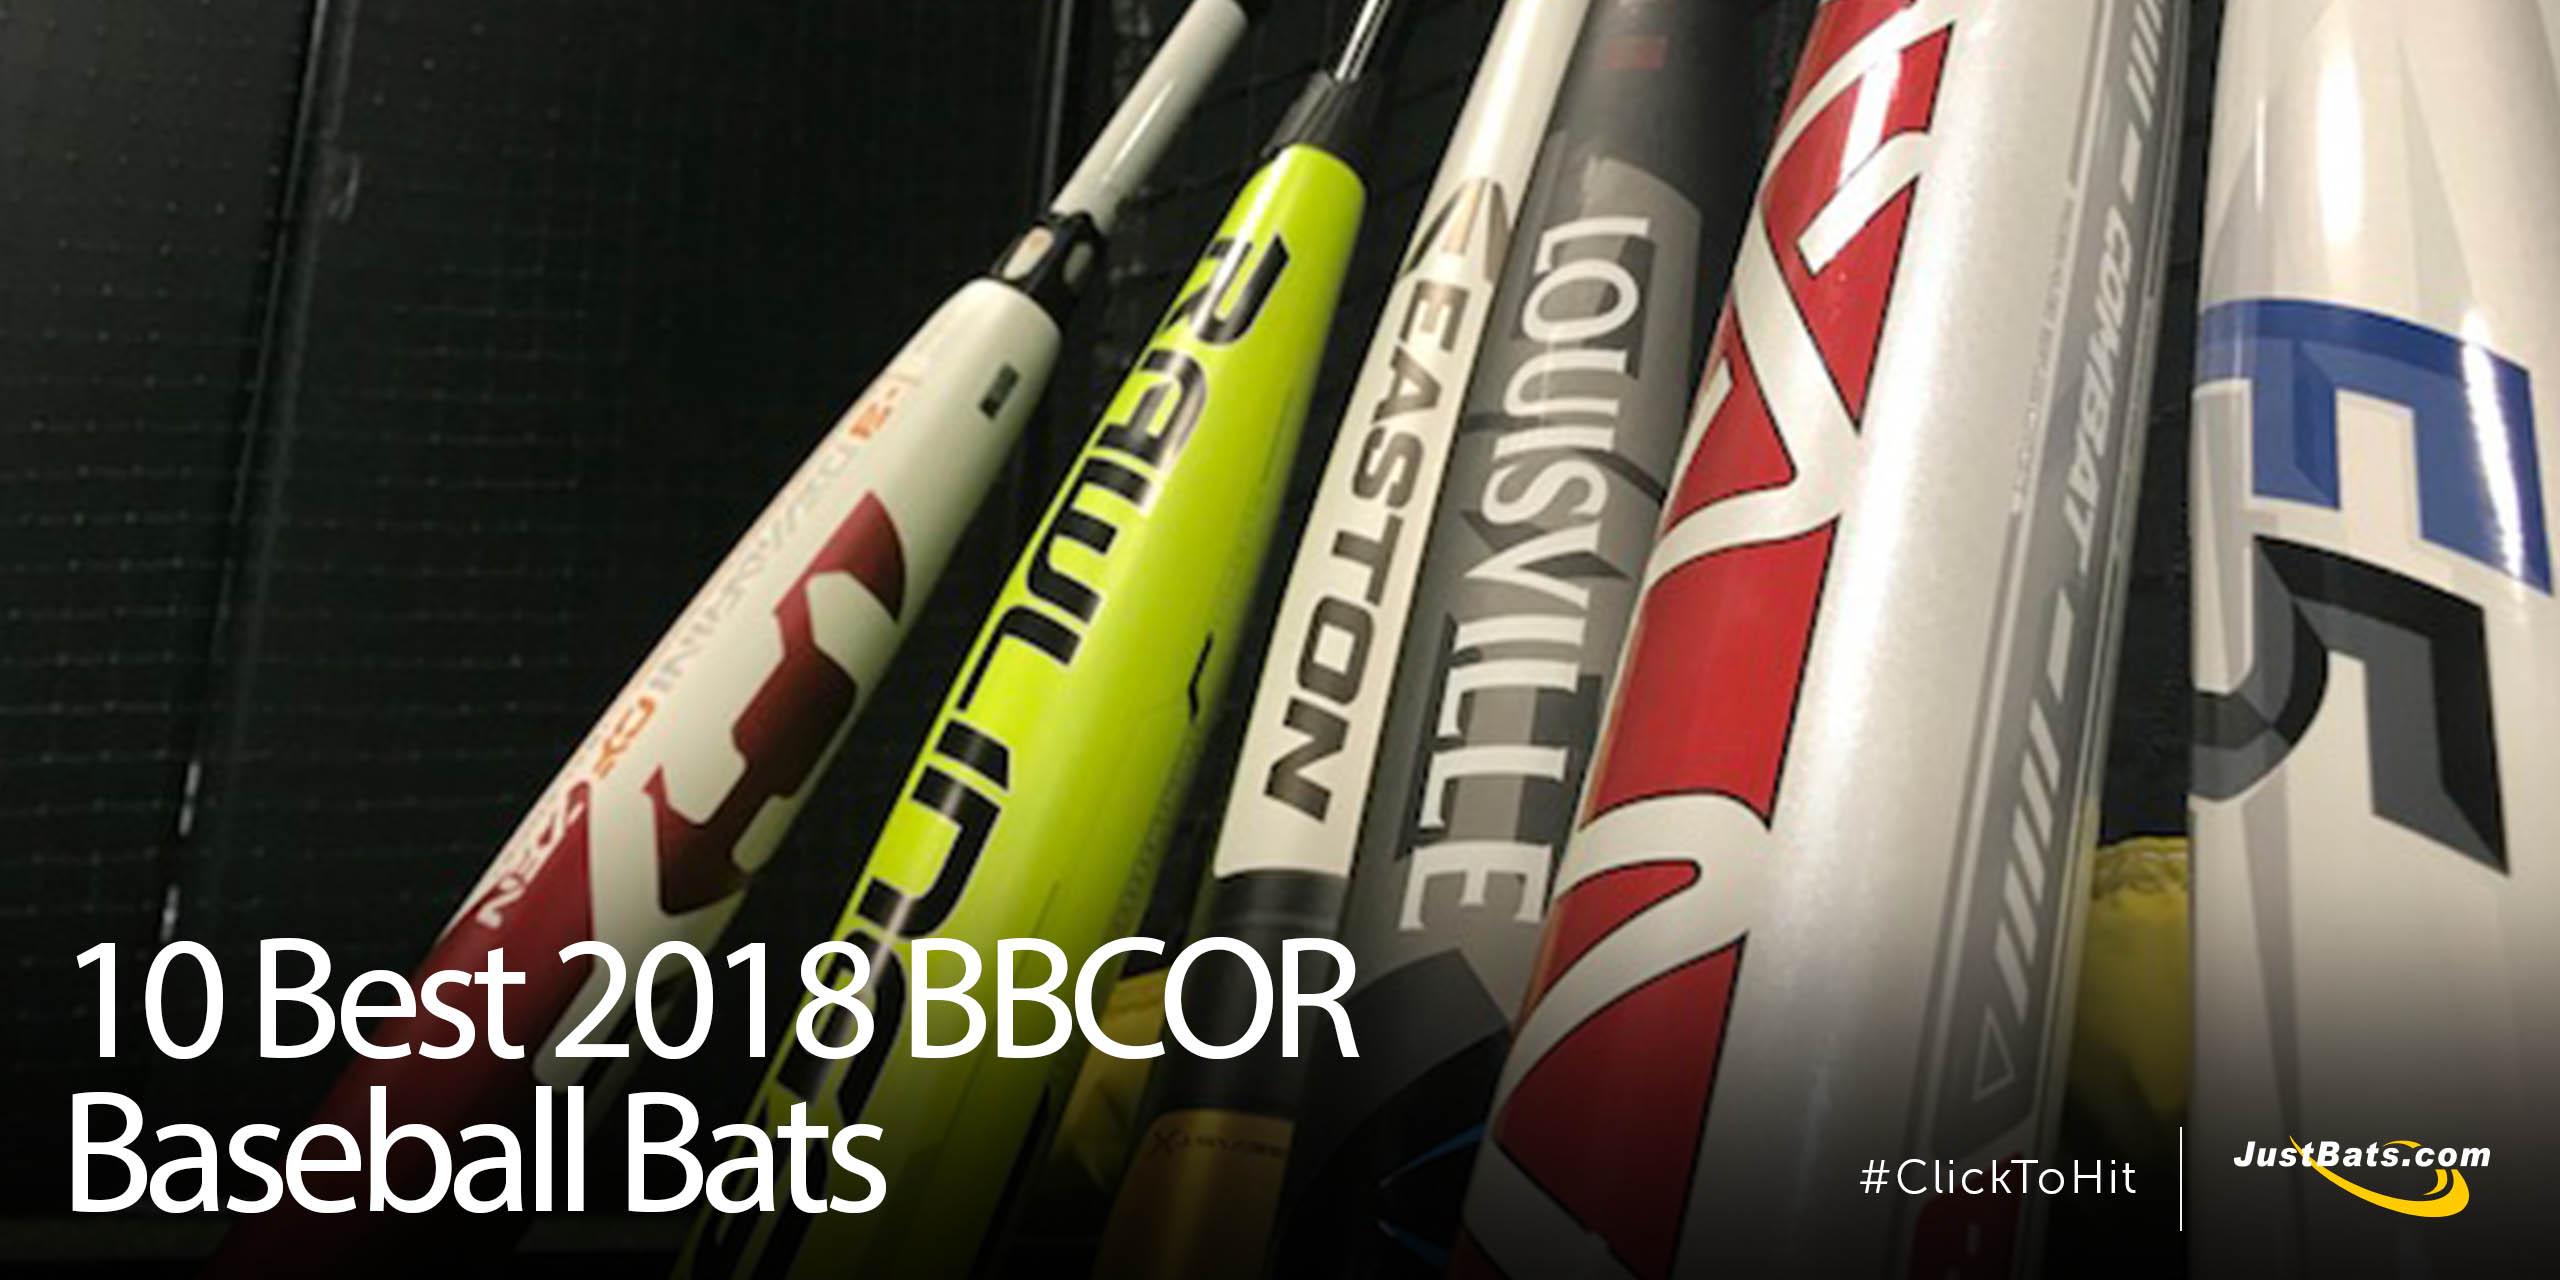 10 Best 2018 BBCOR Bats - Blog.jpg